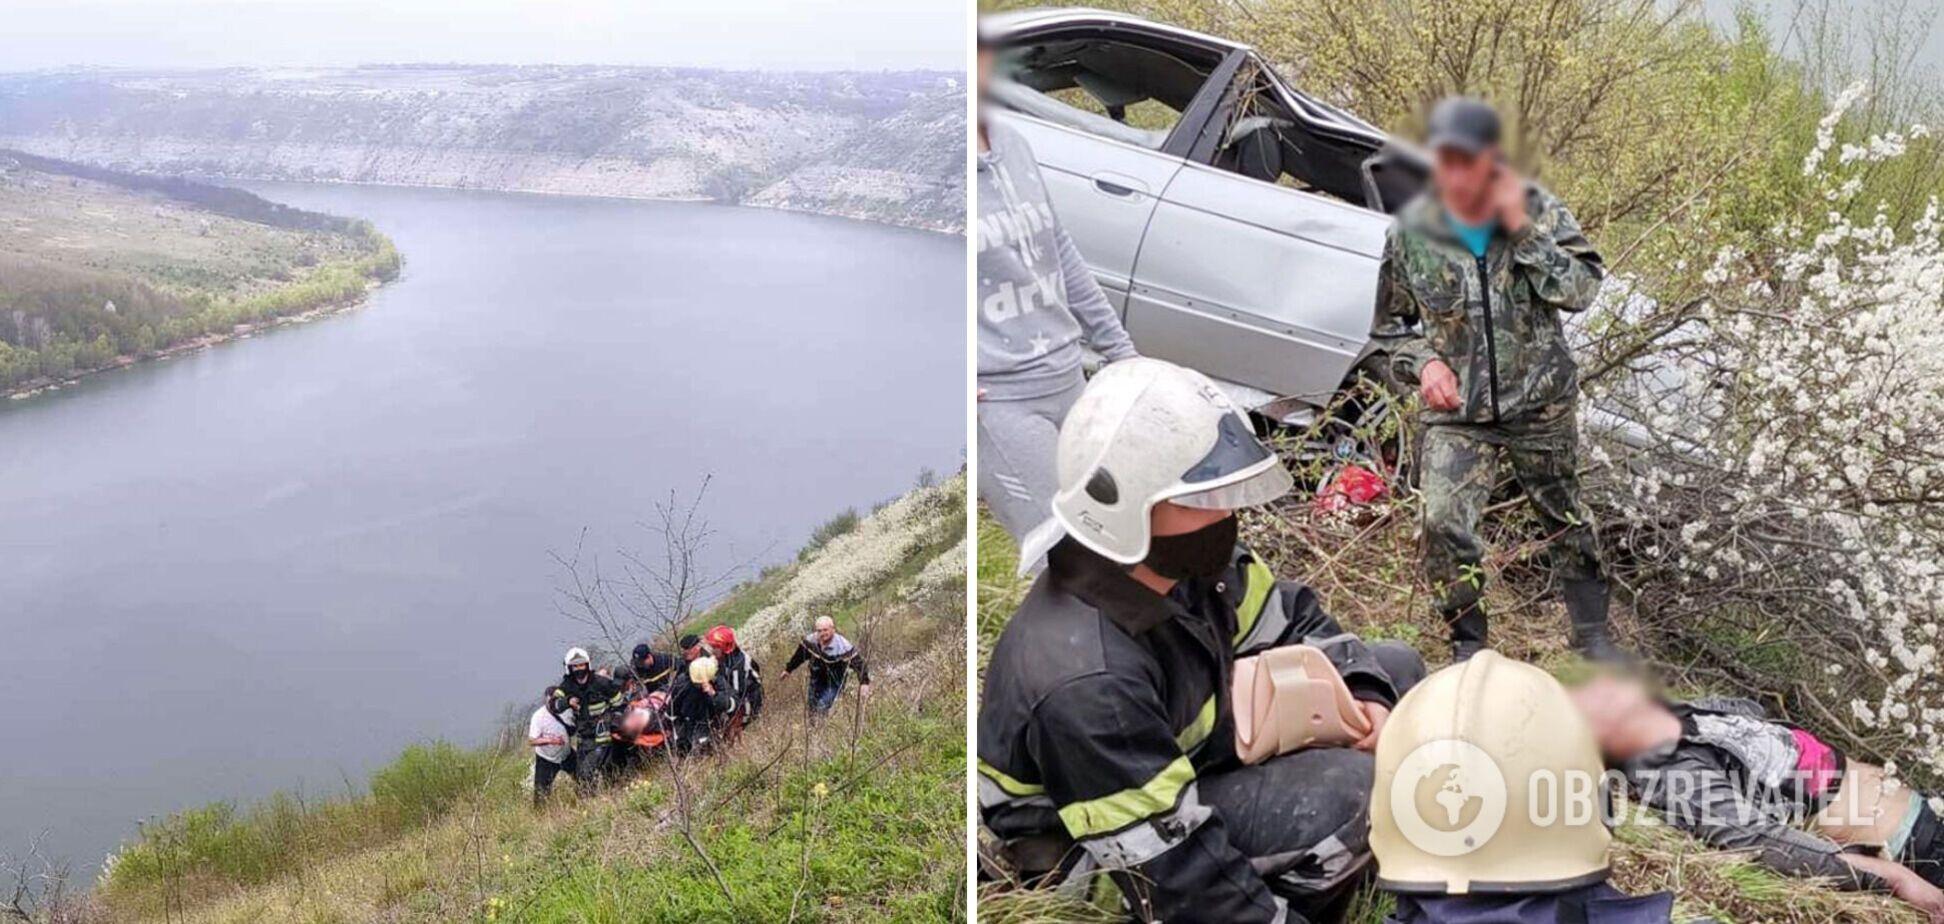 На Хмельниччині водій на авто вилетів зі скелі. Фото рятувальної операції